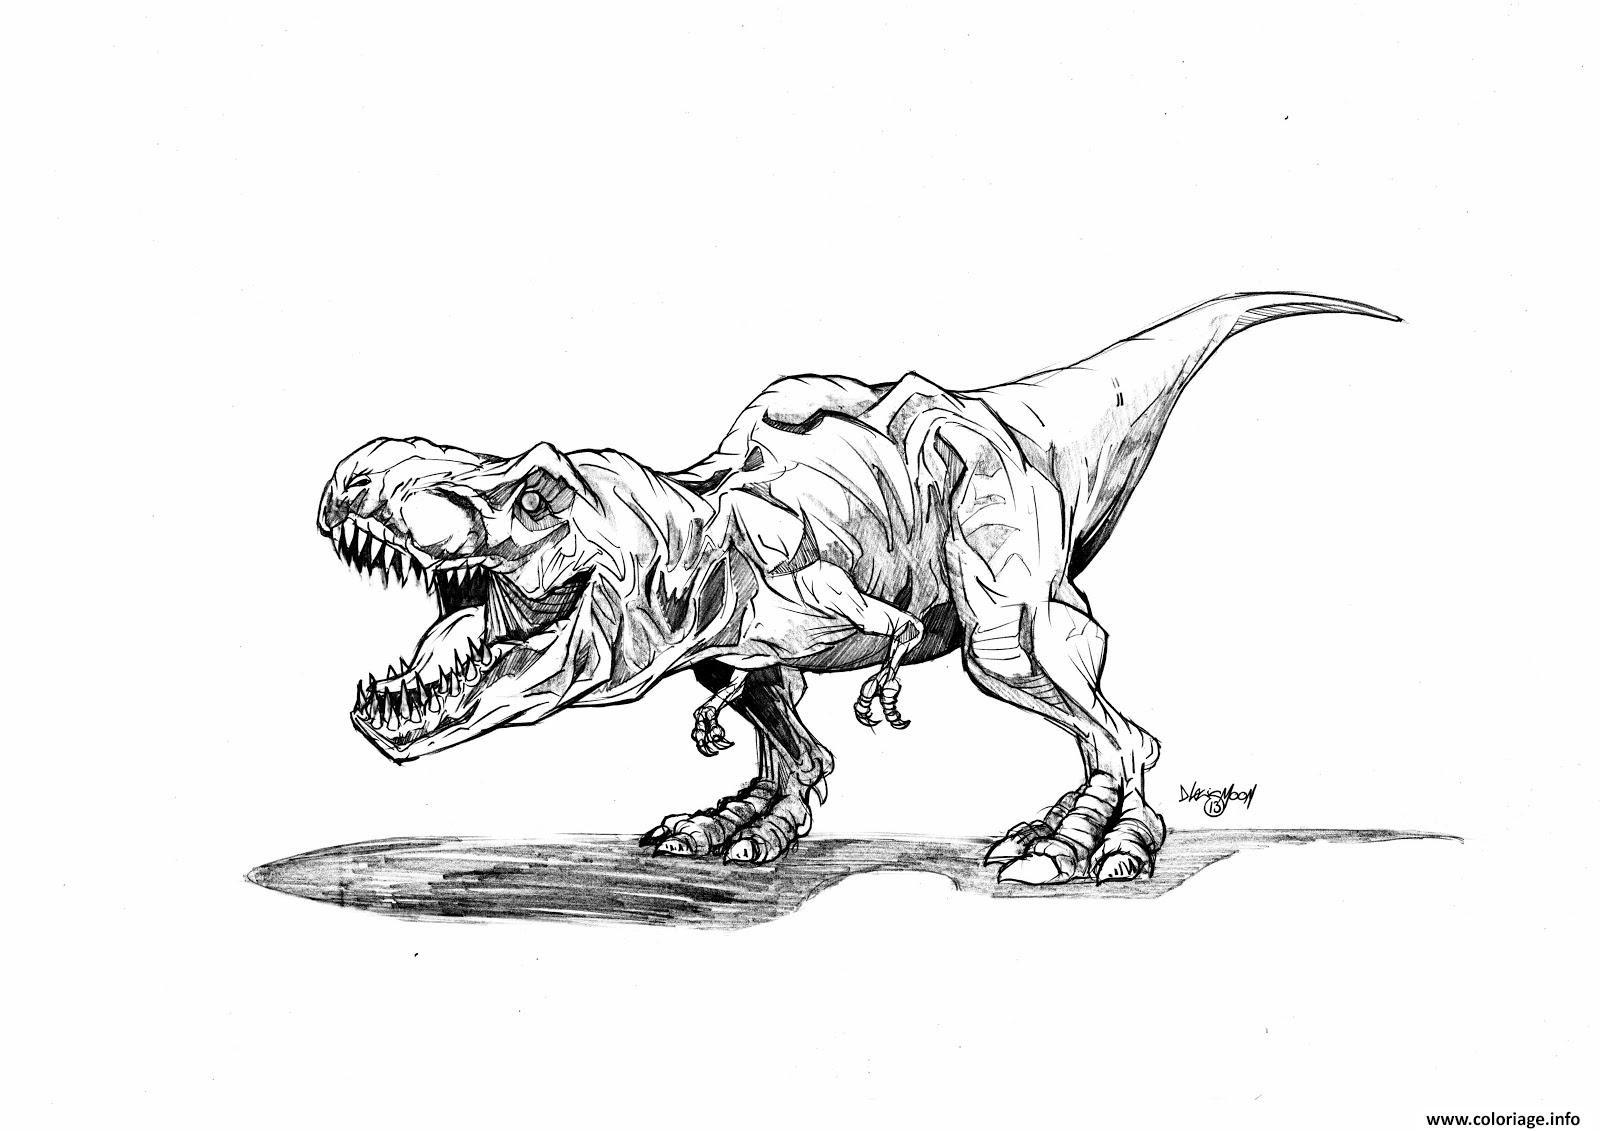 Coloriage Dinosaure Jurassic Park Gratuit A Imprimer.Meilleur De Coloriage Jurassic World A Imprimer Des